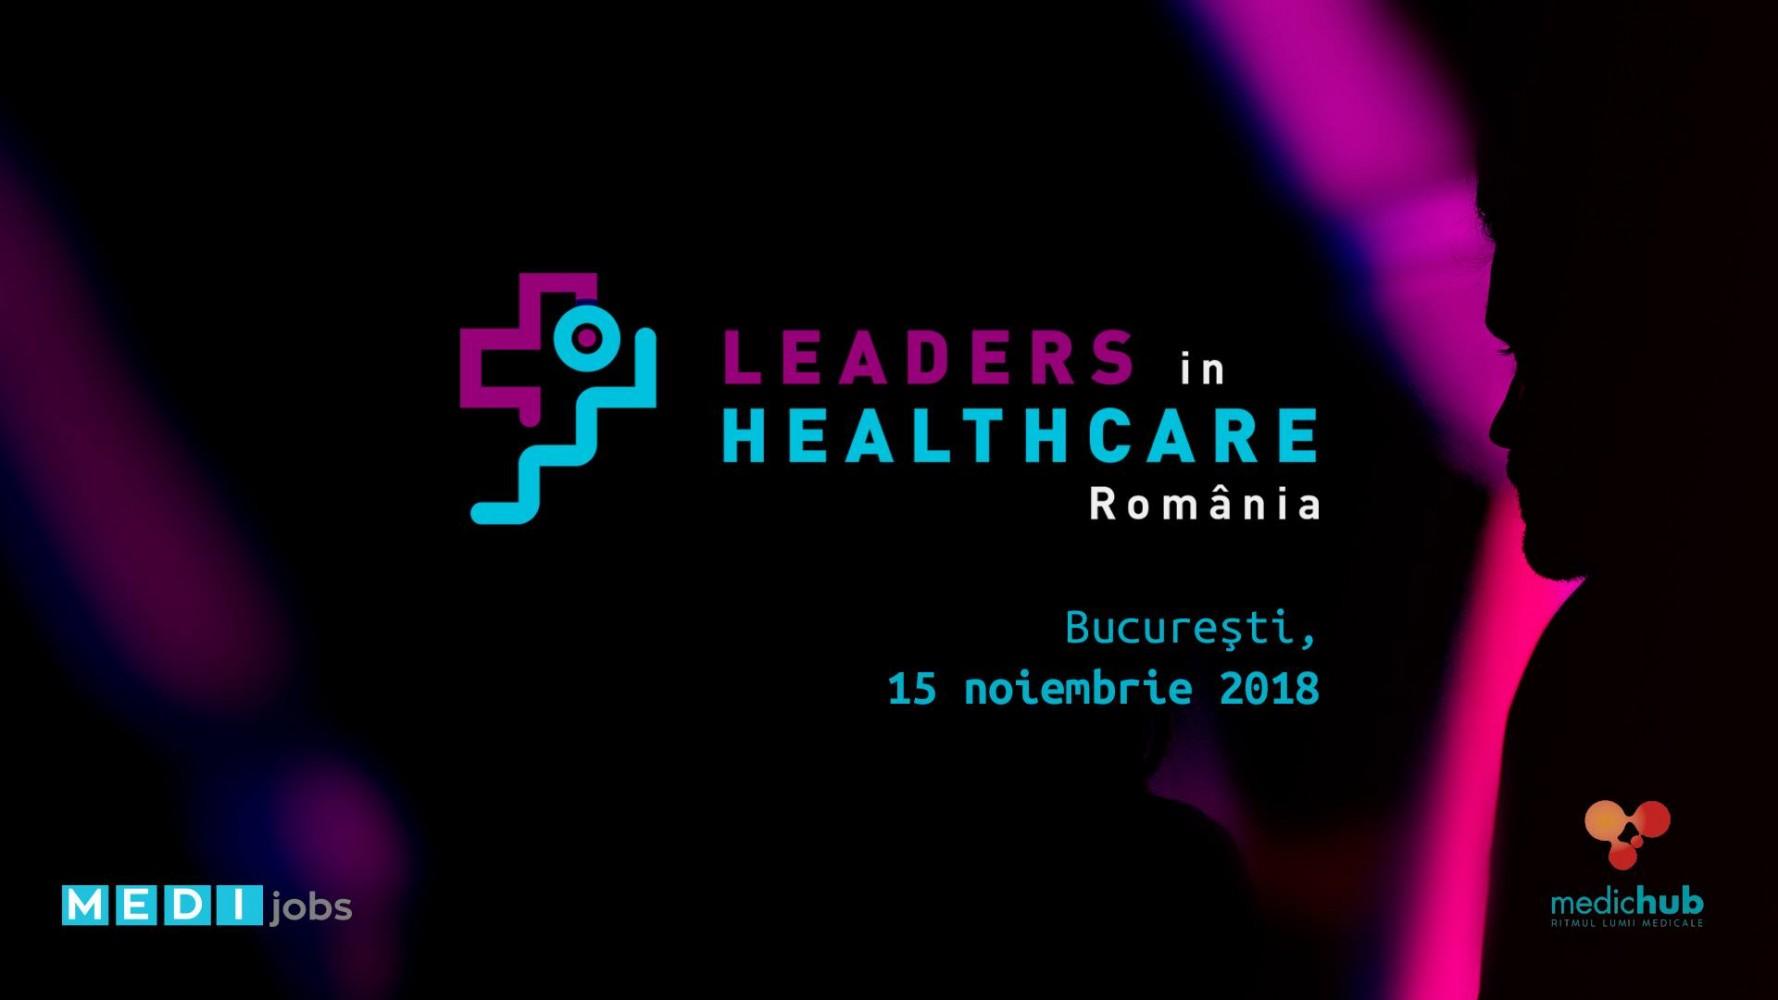 Inspiratie pentru noua generatie de lideri in sanatate - 15 noiembrie 2018, Bucuresti